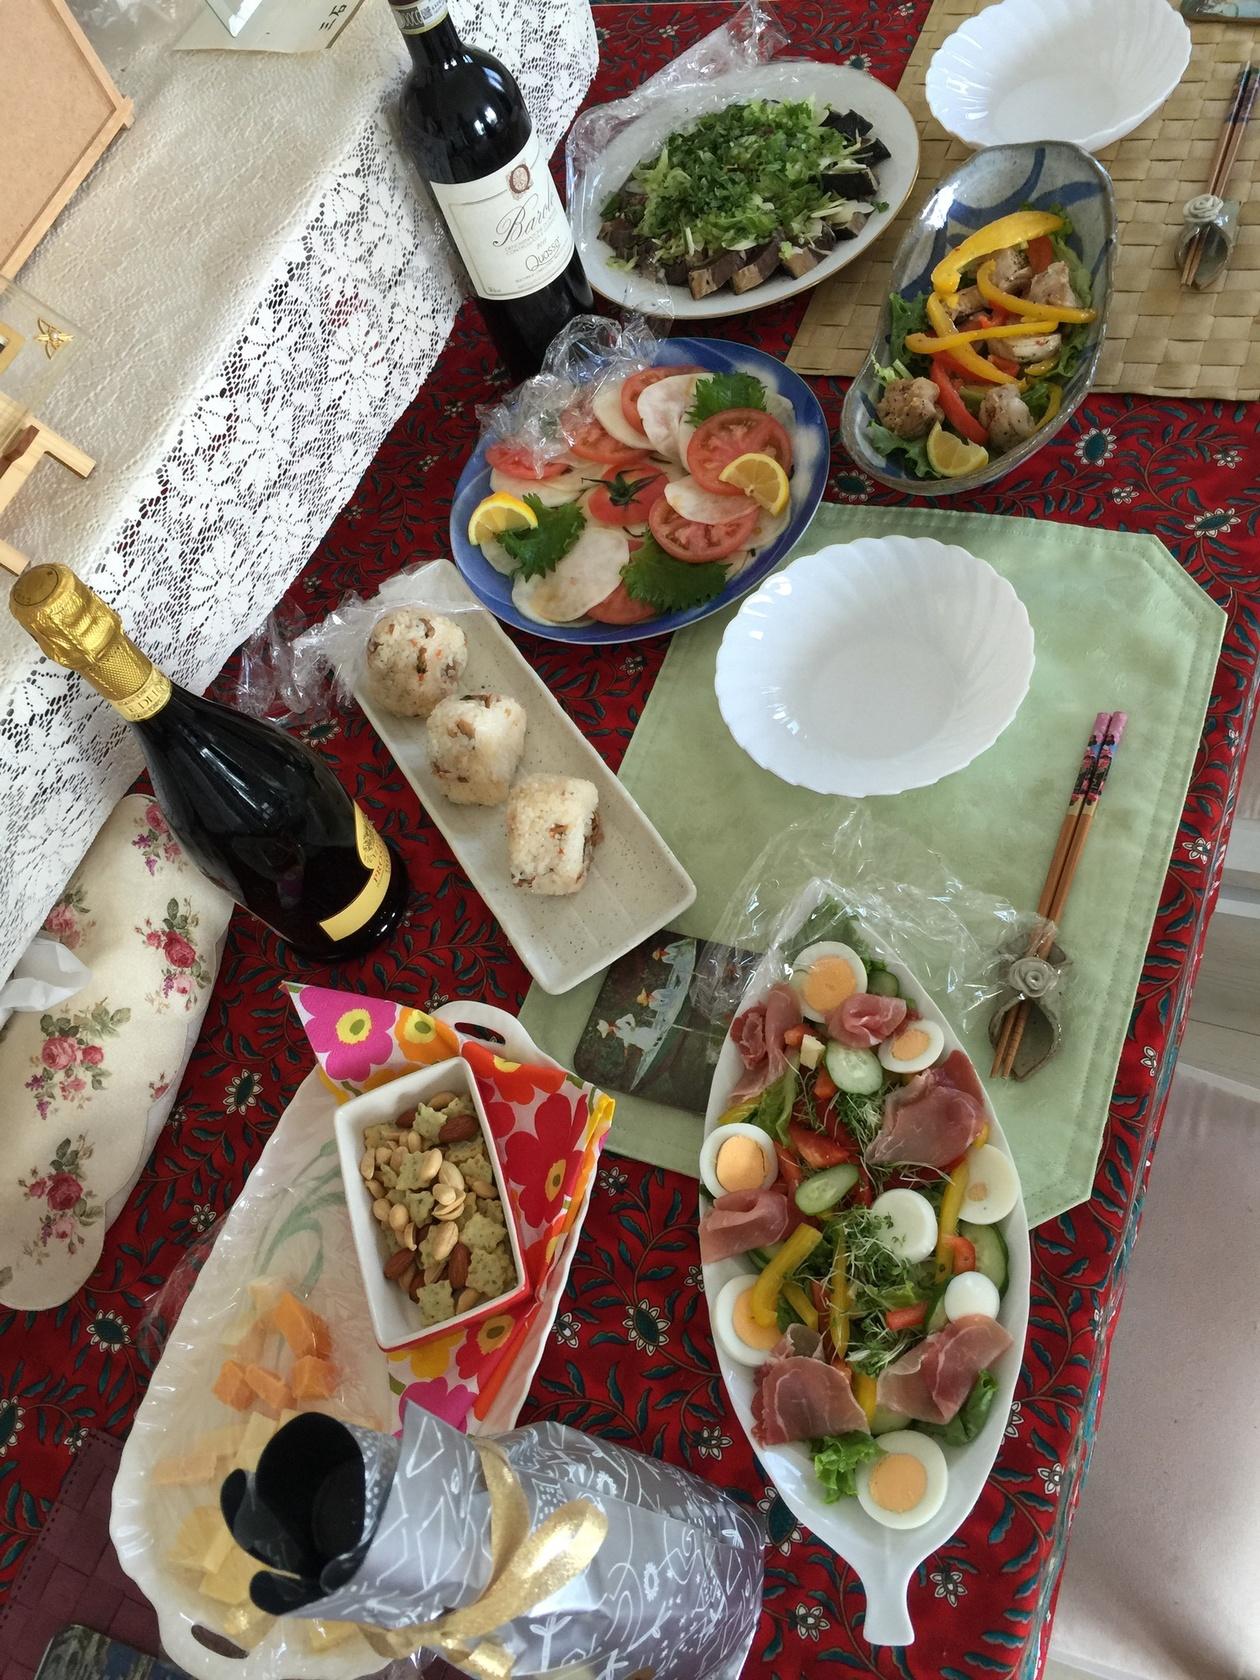 ヘルシーな和食料理、素朴な家庭料理を中心にお料理致します